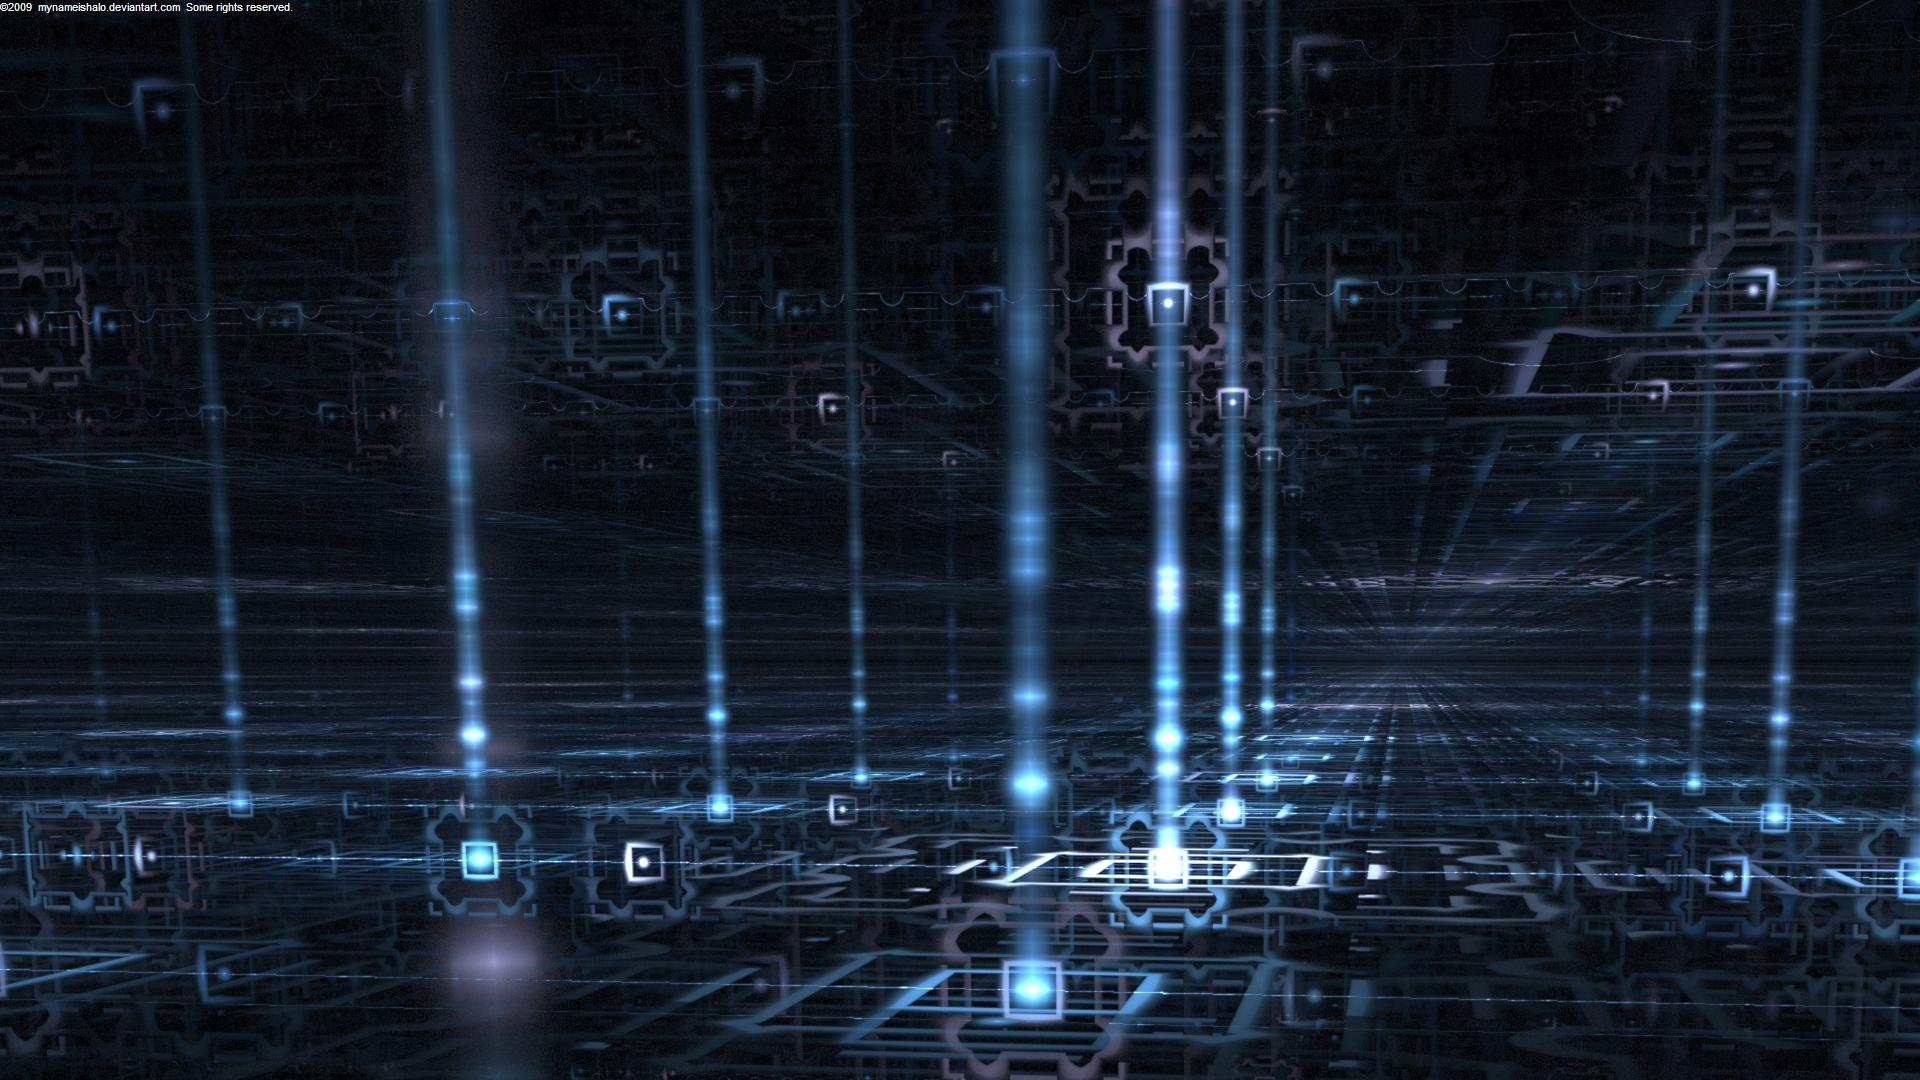 Innovative Security Measure via Quantum Mechanics In Compliance 1920x1080